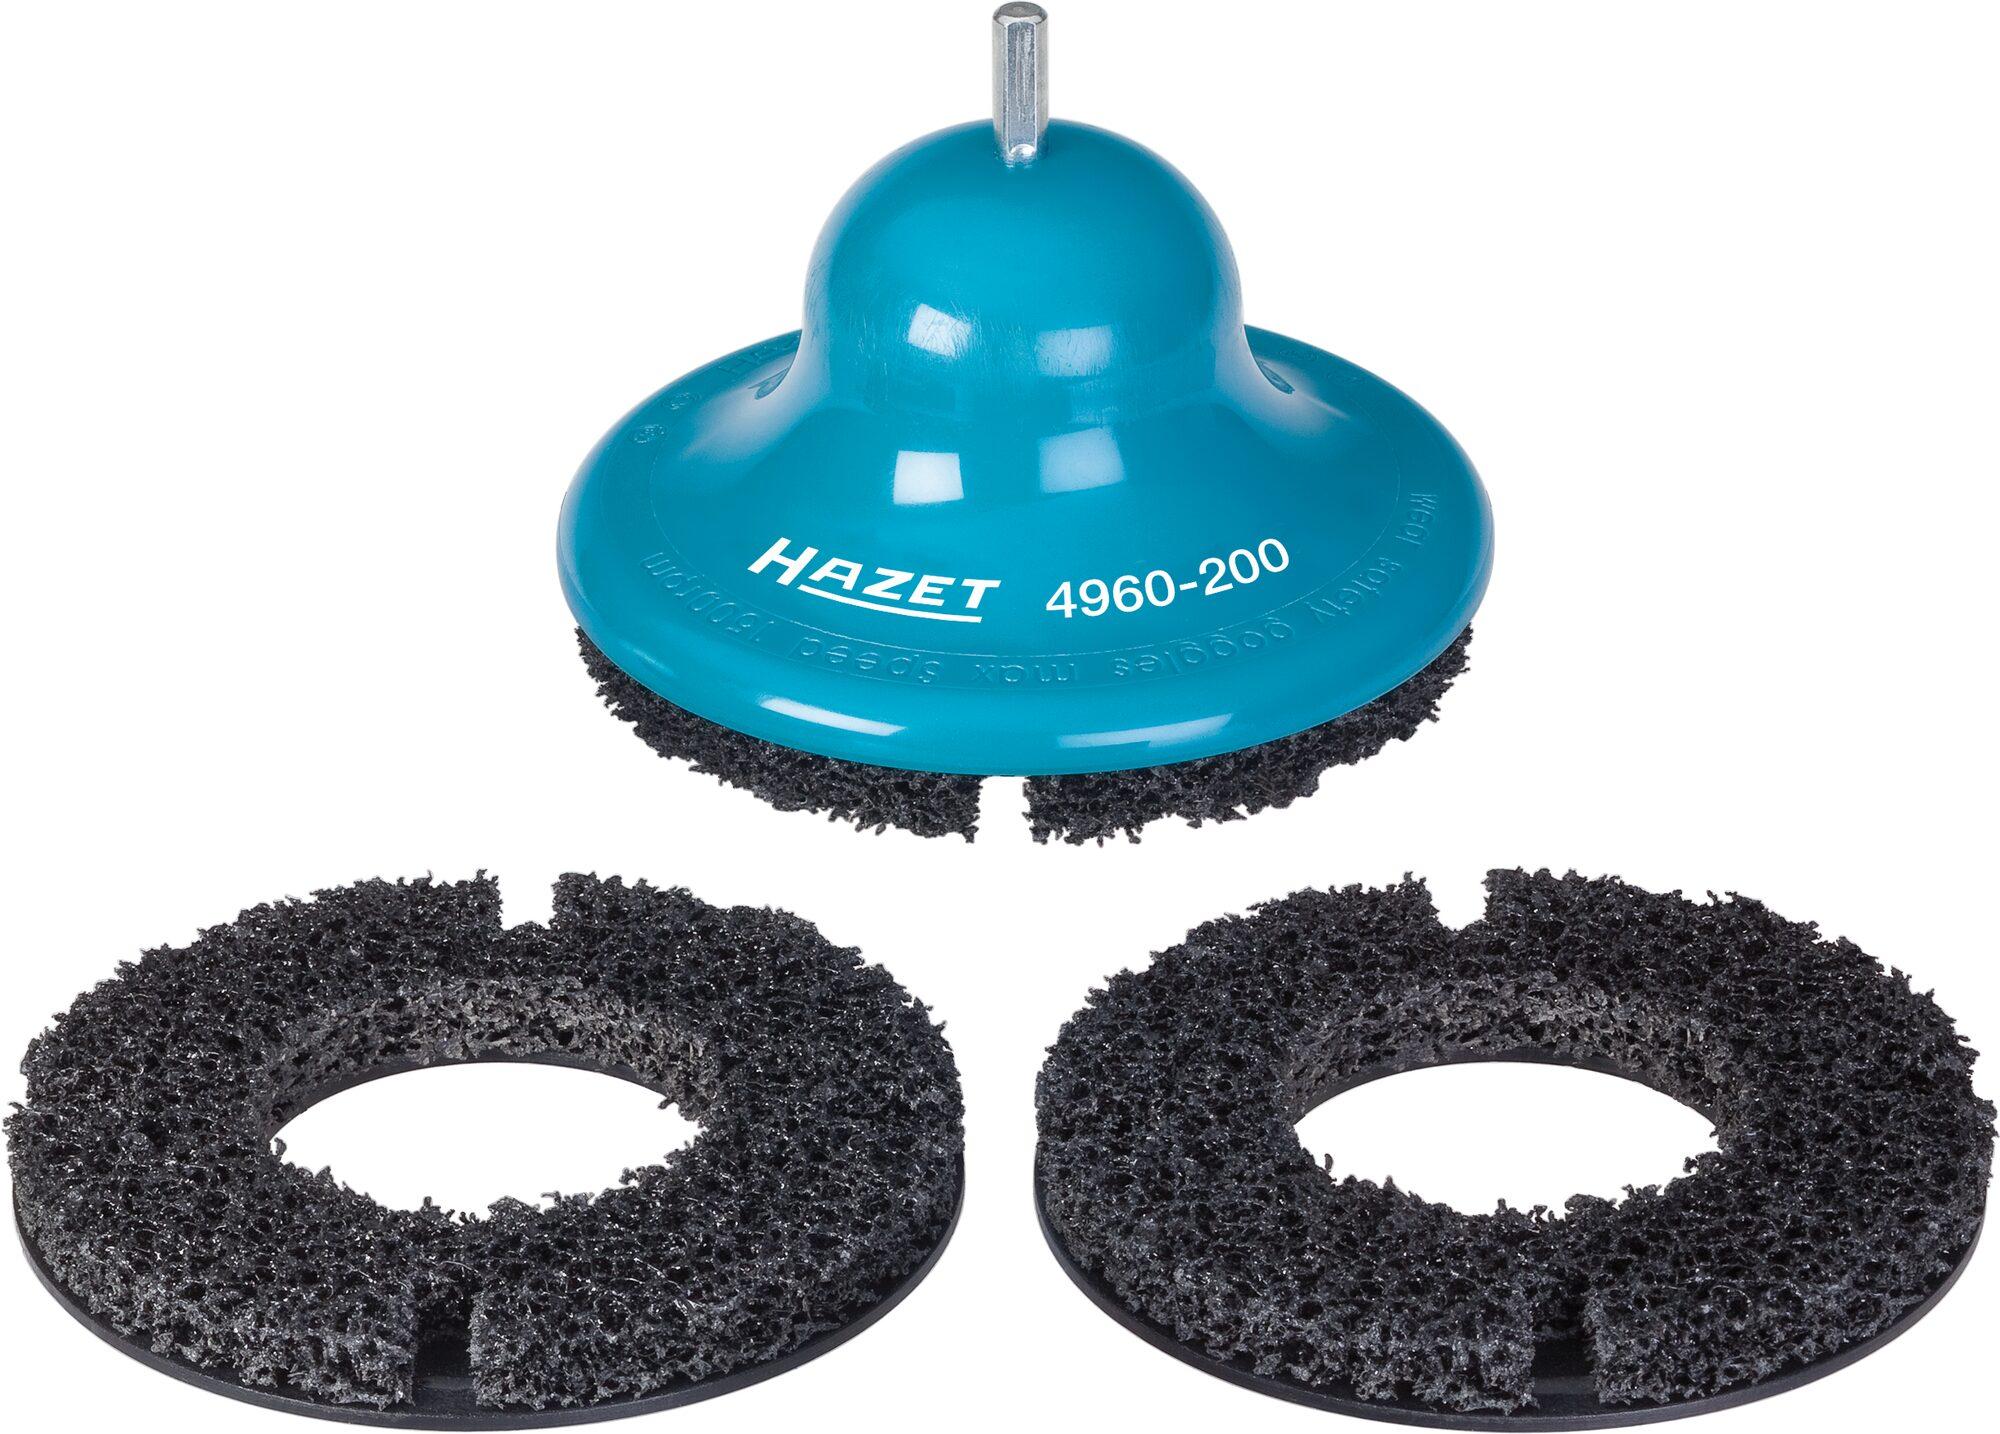 HAZET Radnaben-Schleifer 4960-200/3 ∙ 200 mm ∙ Anzahl Werkzeuge: 3